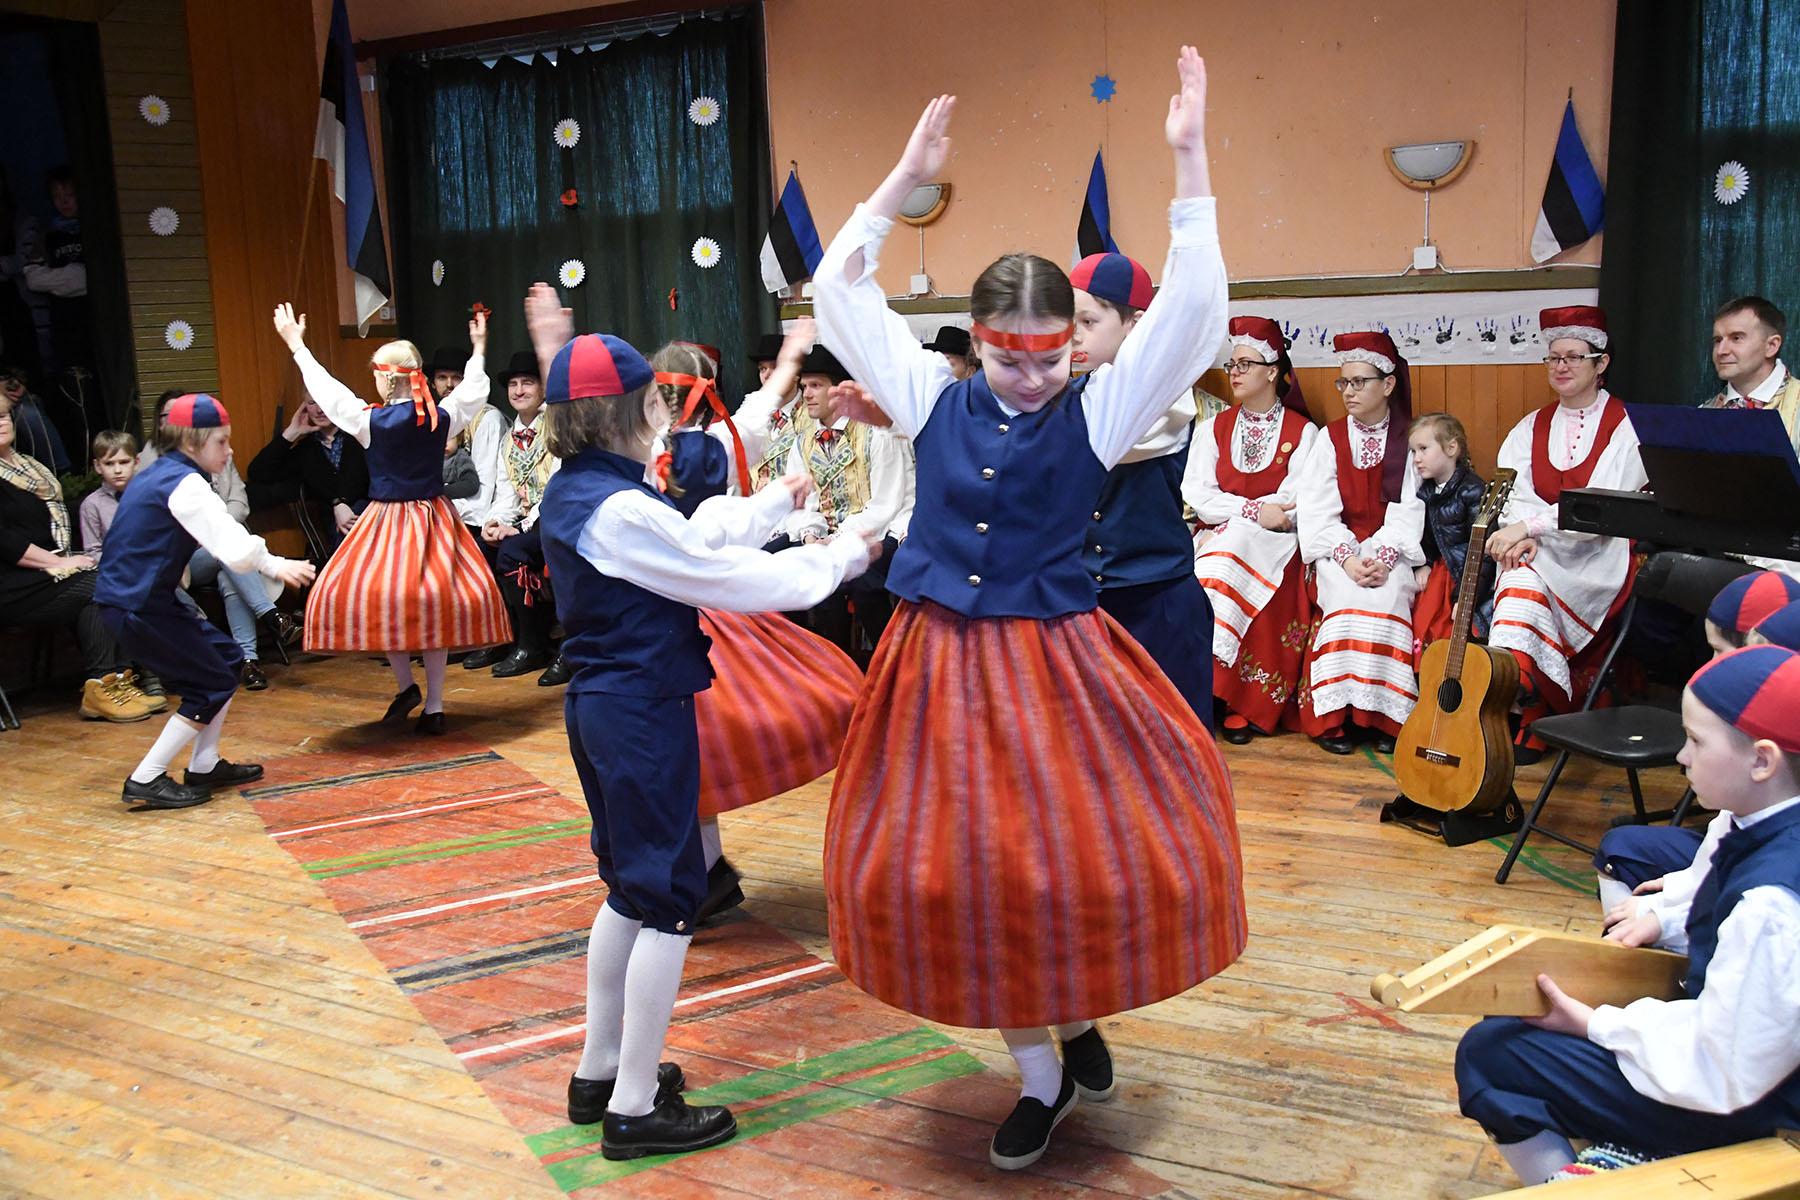 Pärnumaal Lääneranna valla Metsküla rahvamajas tähistatakse Eesti Vabariigi 102. aastapäeva. Foto Urmas Saard